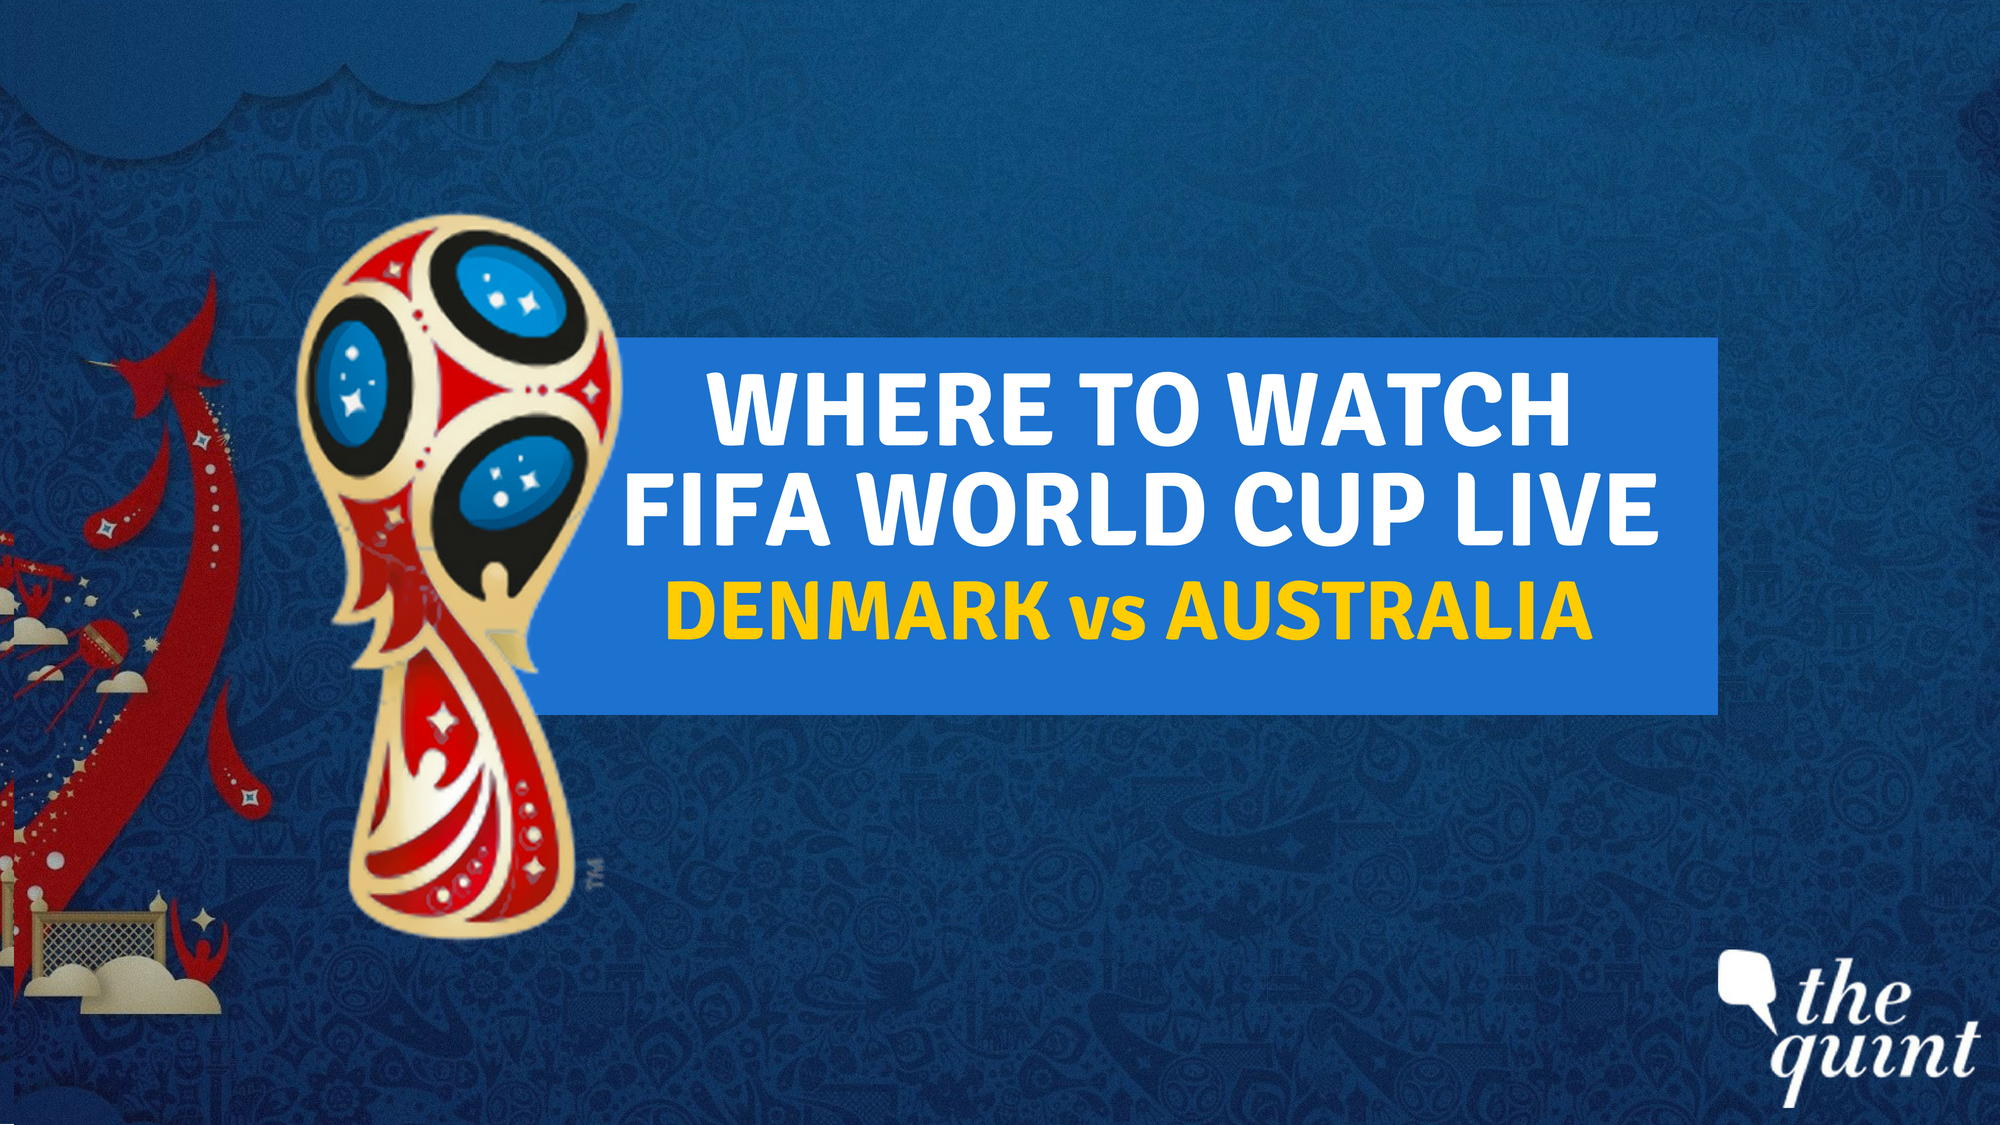 denmark vs australia live score fifa world cup 2018 live